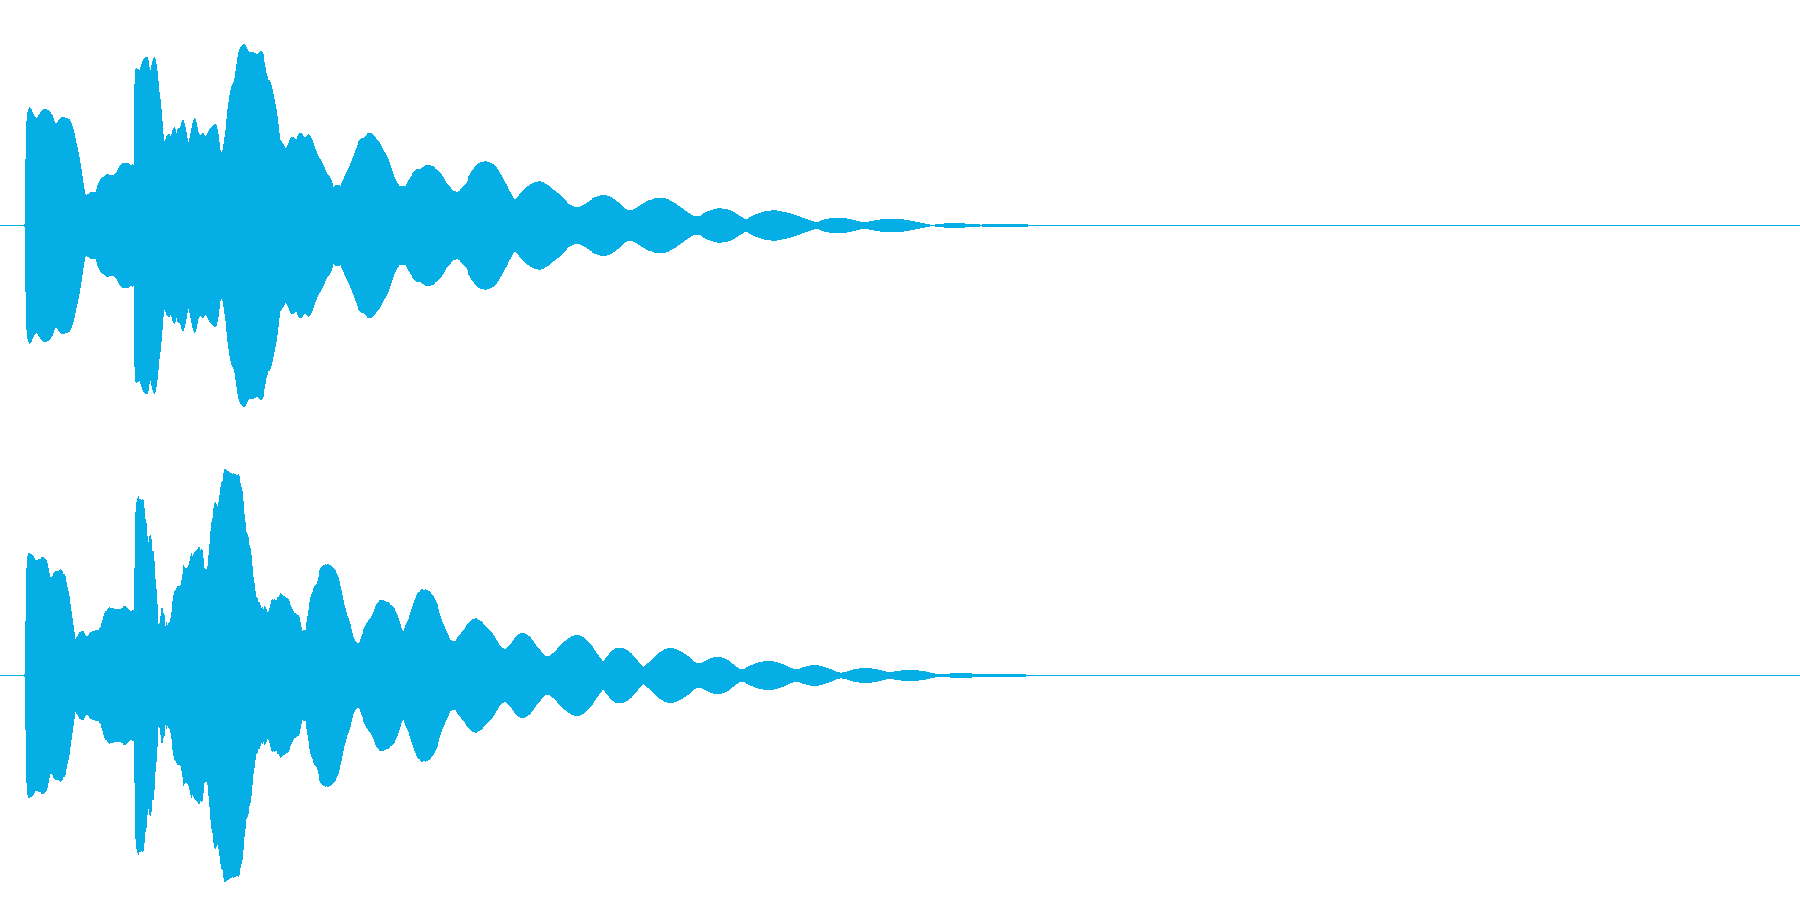 ピコン。明るめなベルの音です。の再生済みの波形